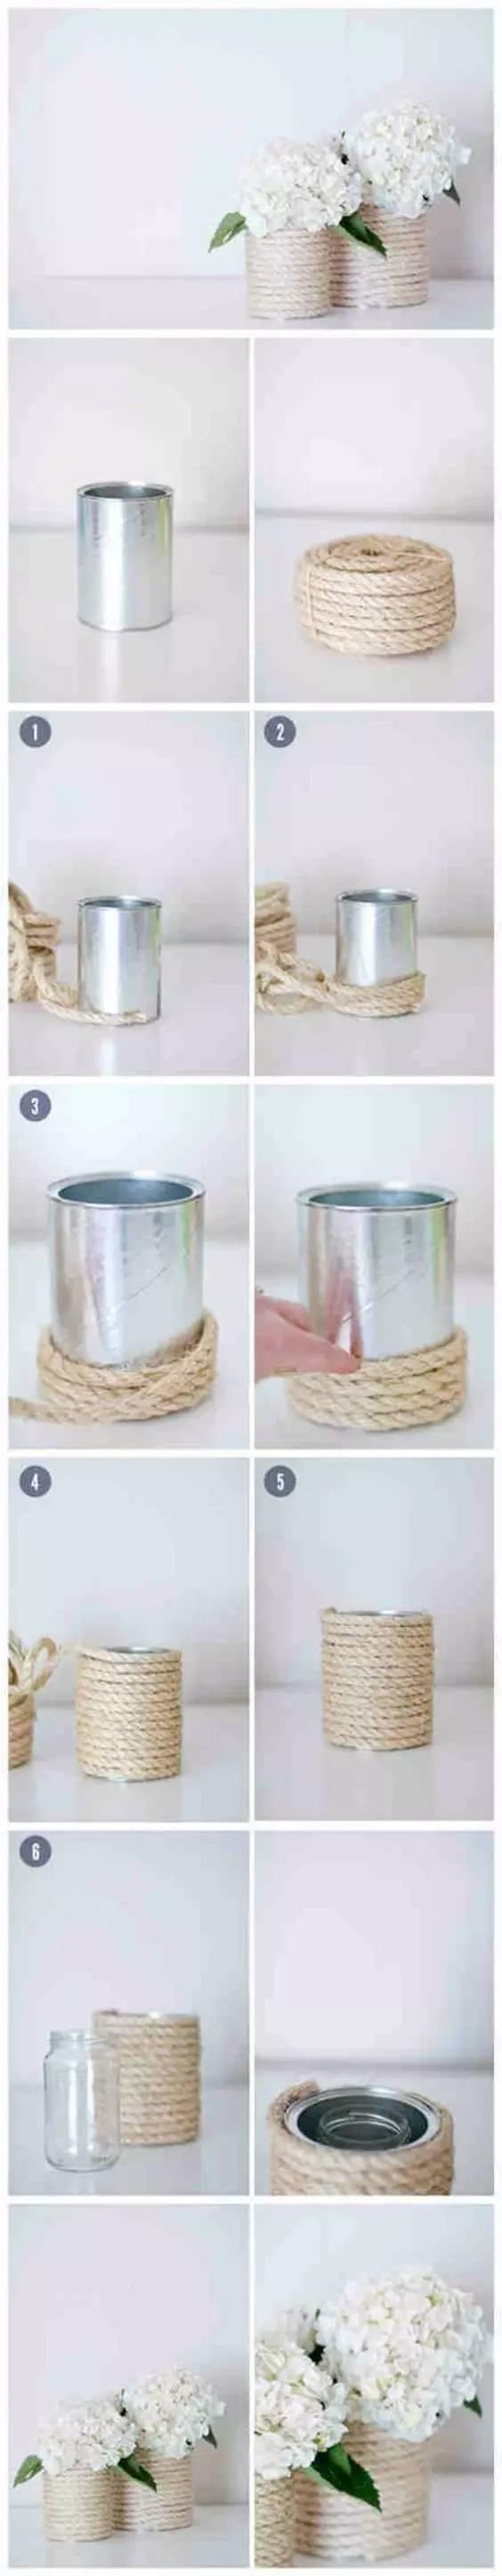 铁罐旧物改造的创意手工作品,让生命多一点点精彩